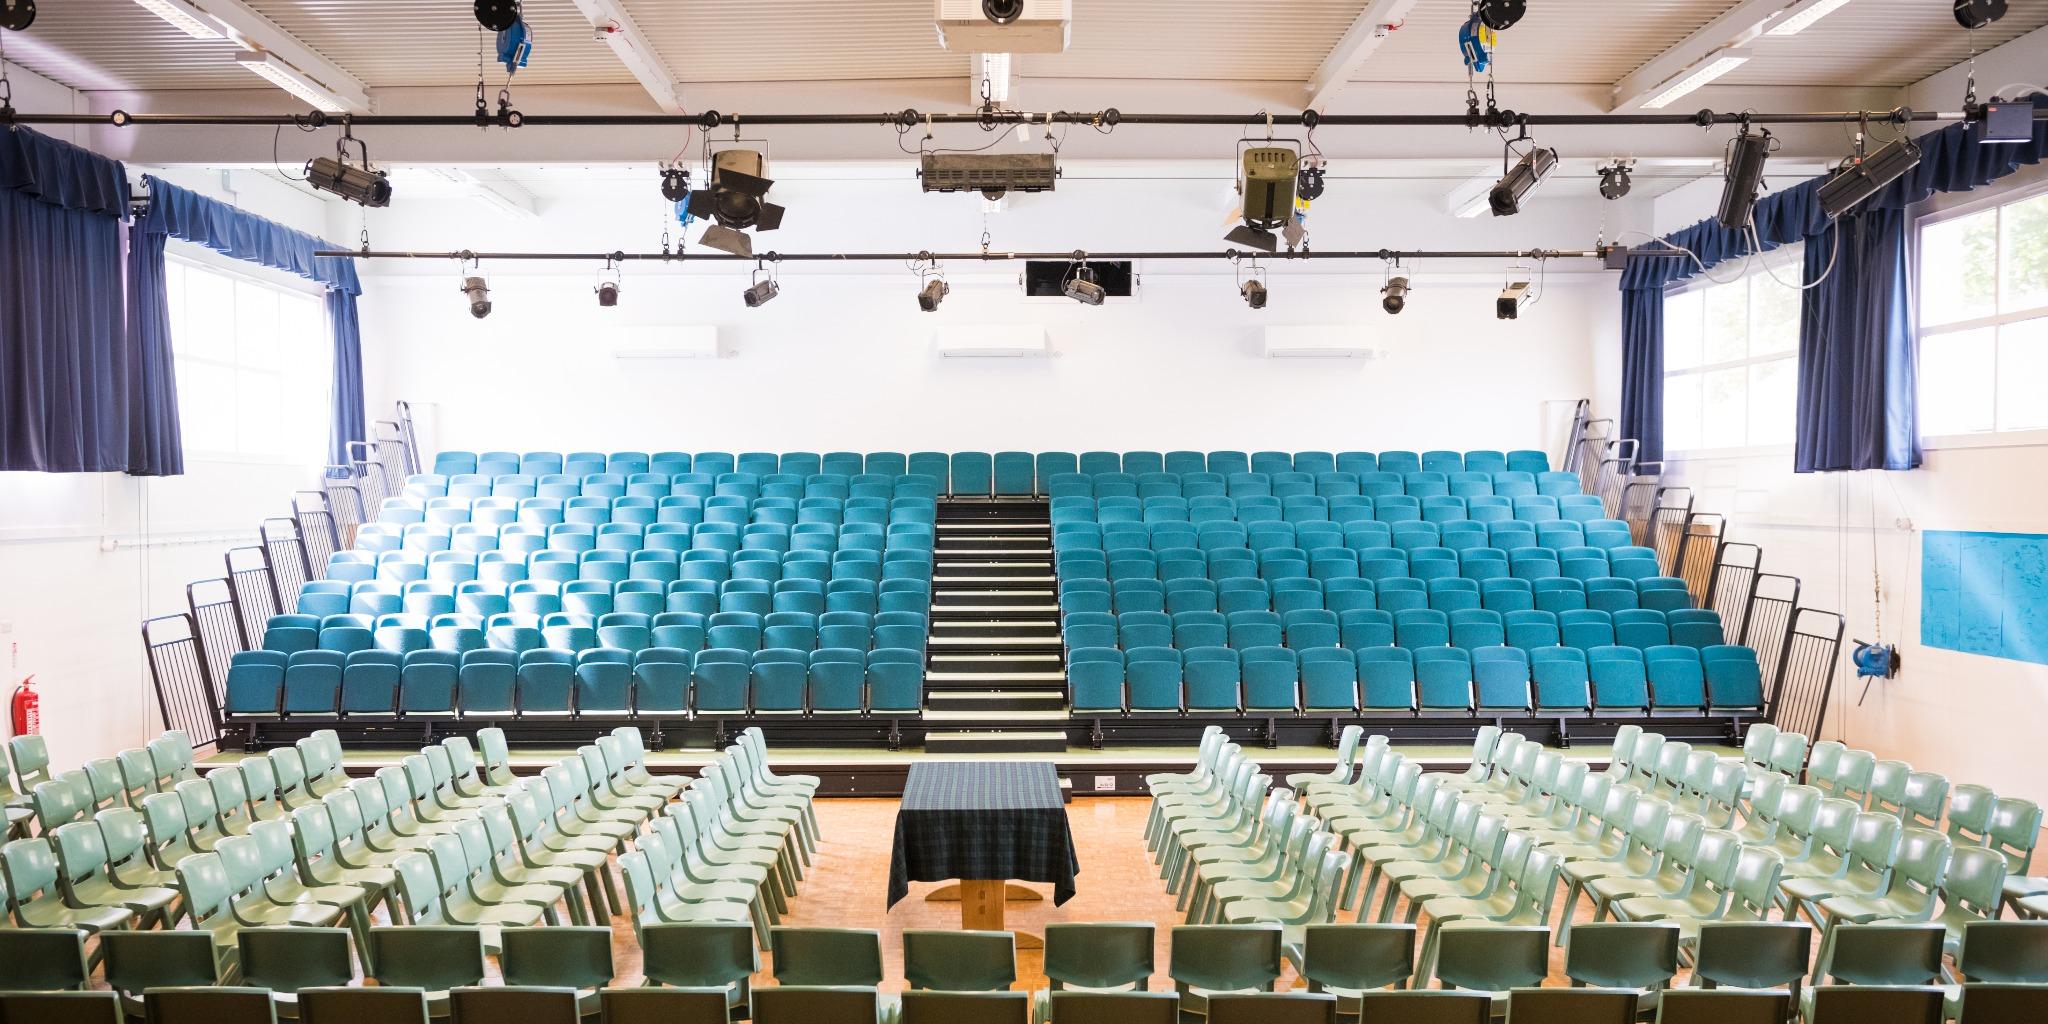 小学生 中学生 夏休み留学 短期留学 イギリス オクスフォード 近郊 シブフォード 英語+アクティビティ ボーディングスクール 寮滞在